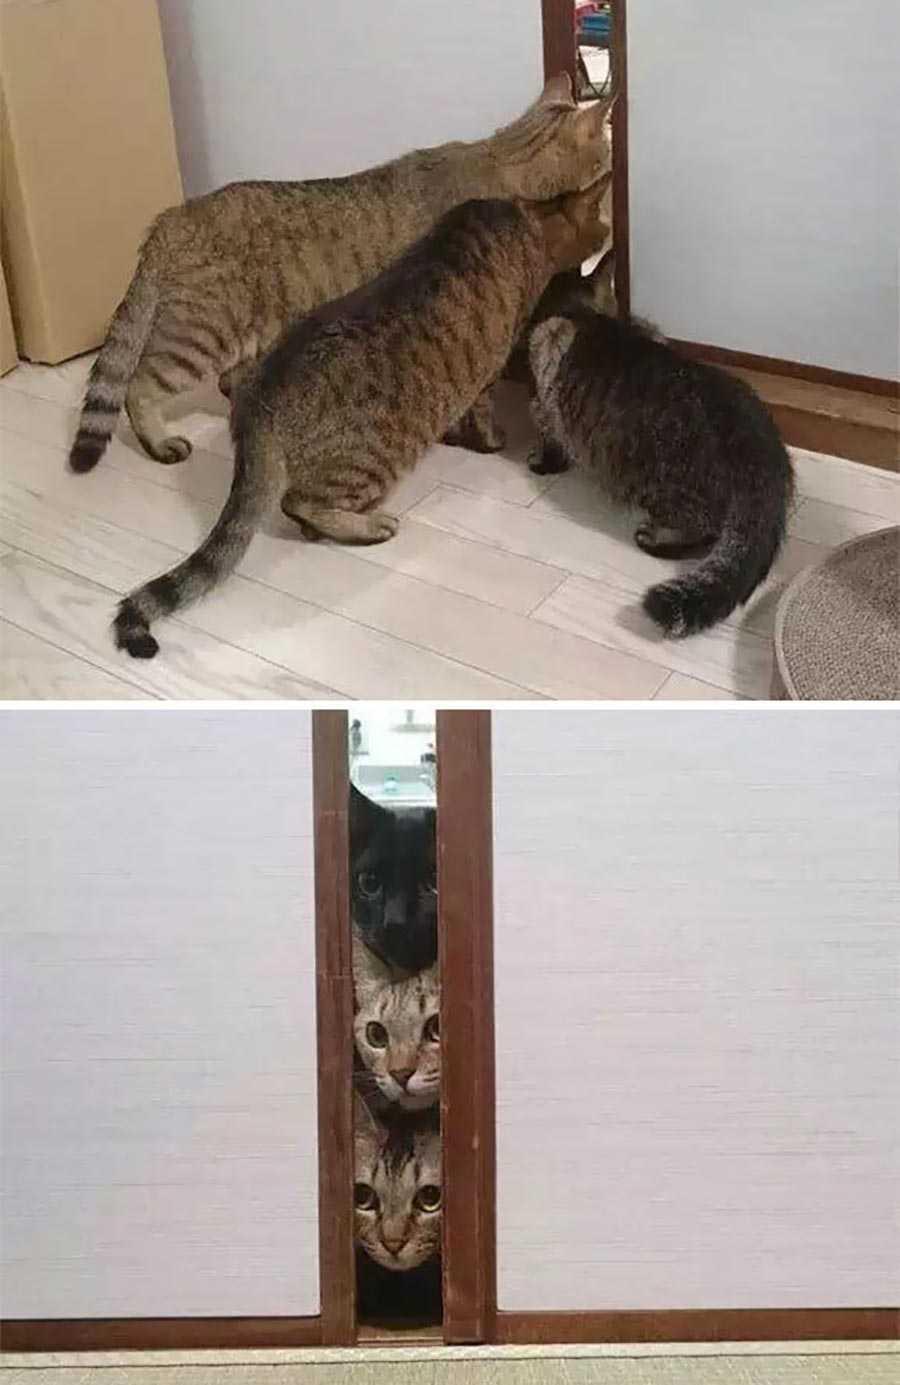 اولین بار که گربه ها در حال دیدن ورزش انسان ها در خانه هستند.